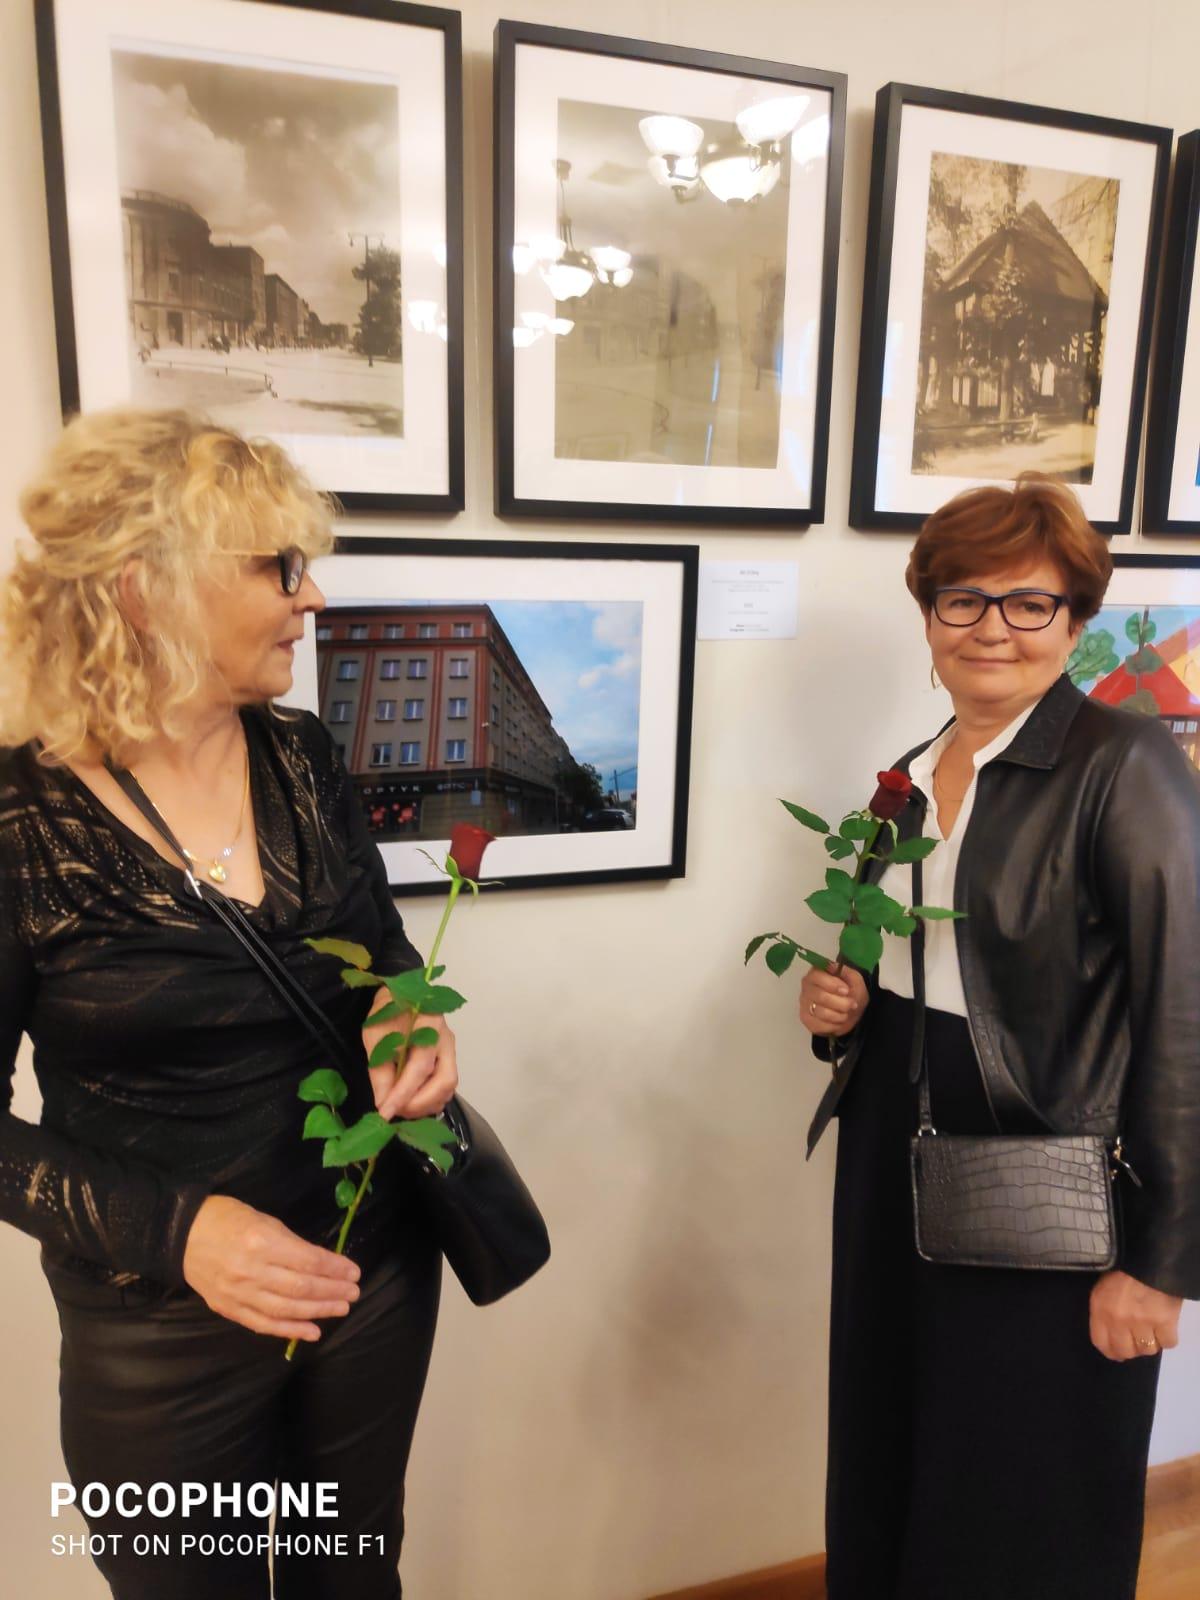 dwie kobiety stoją obok siebie, w rękach trzymają róże, kobiety w średnim wieku, jedna blondynka w okularach, druga włosy ciemne, także w okularach,